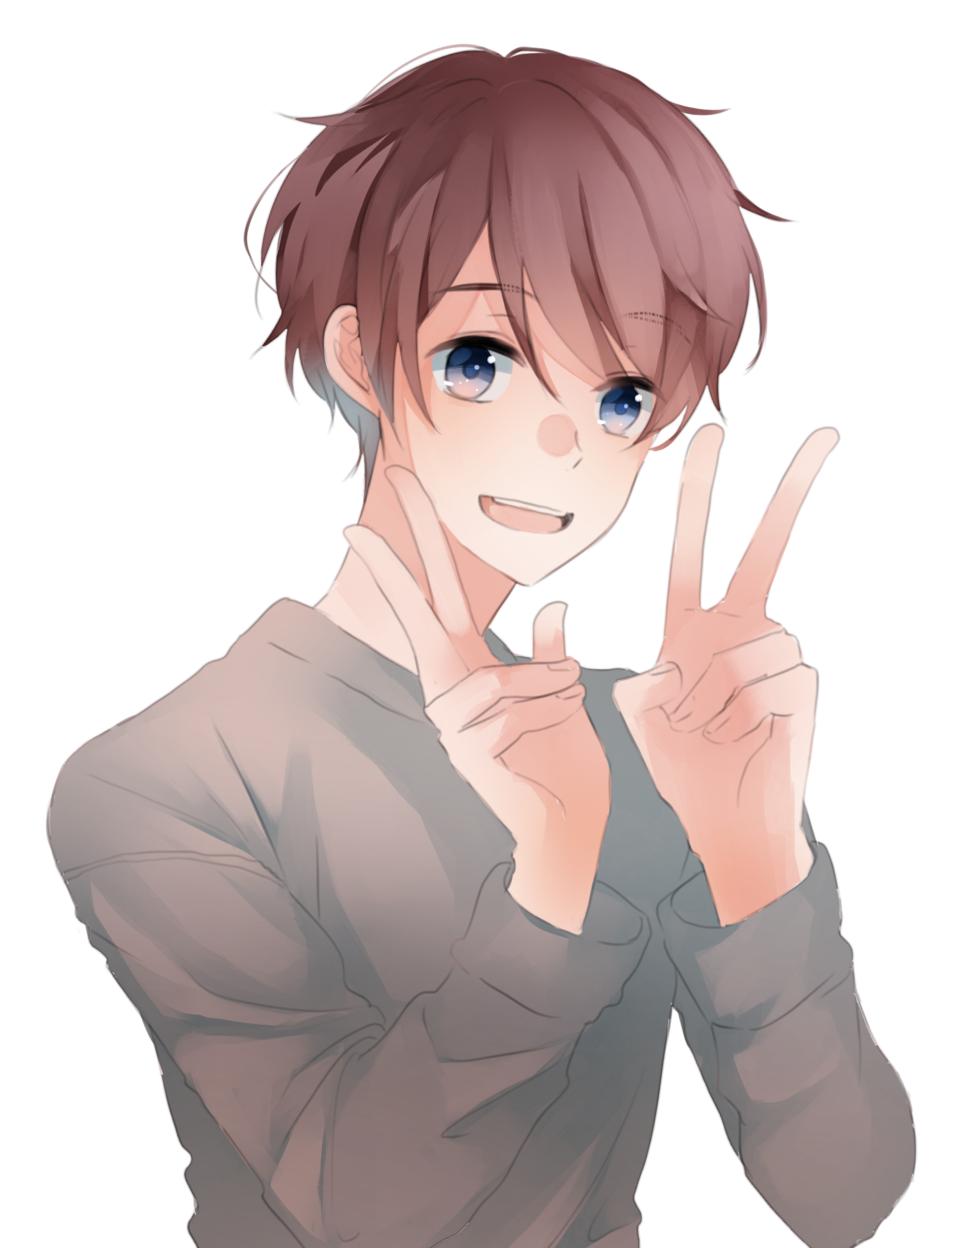 Illust of ぽち original boy